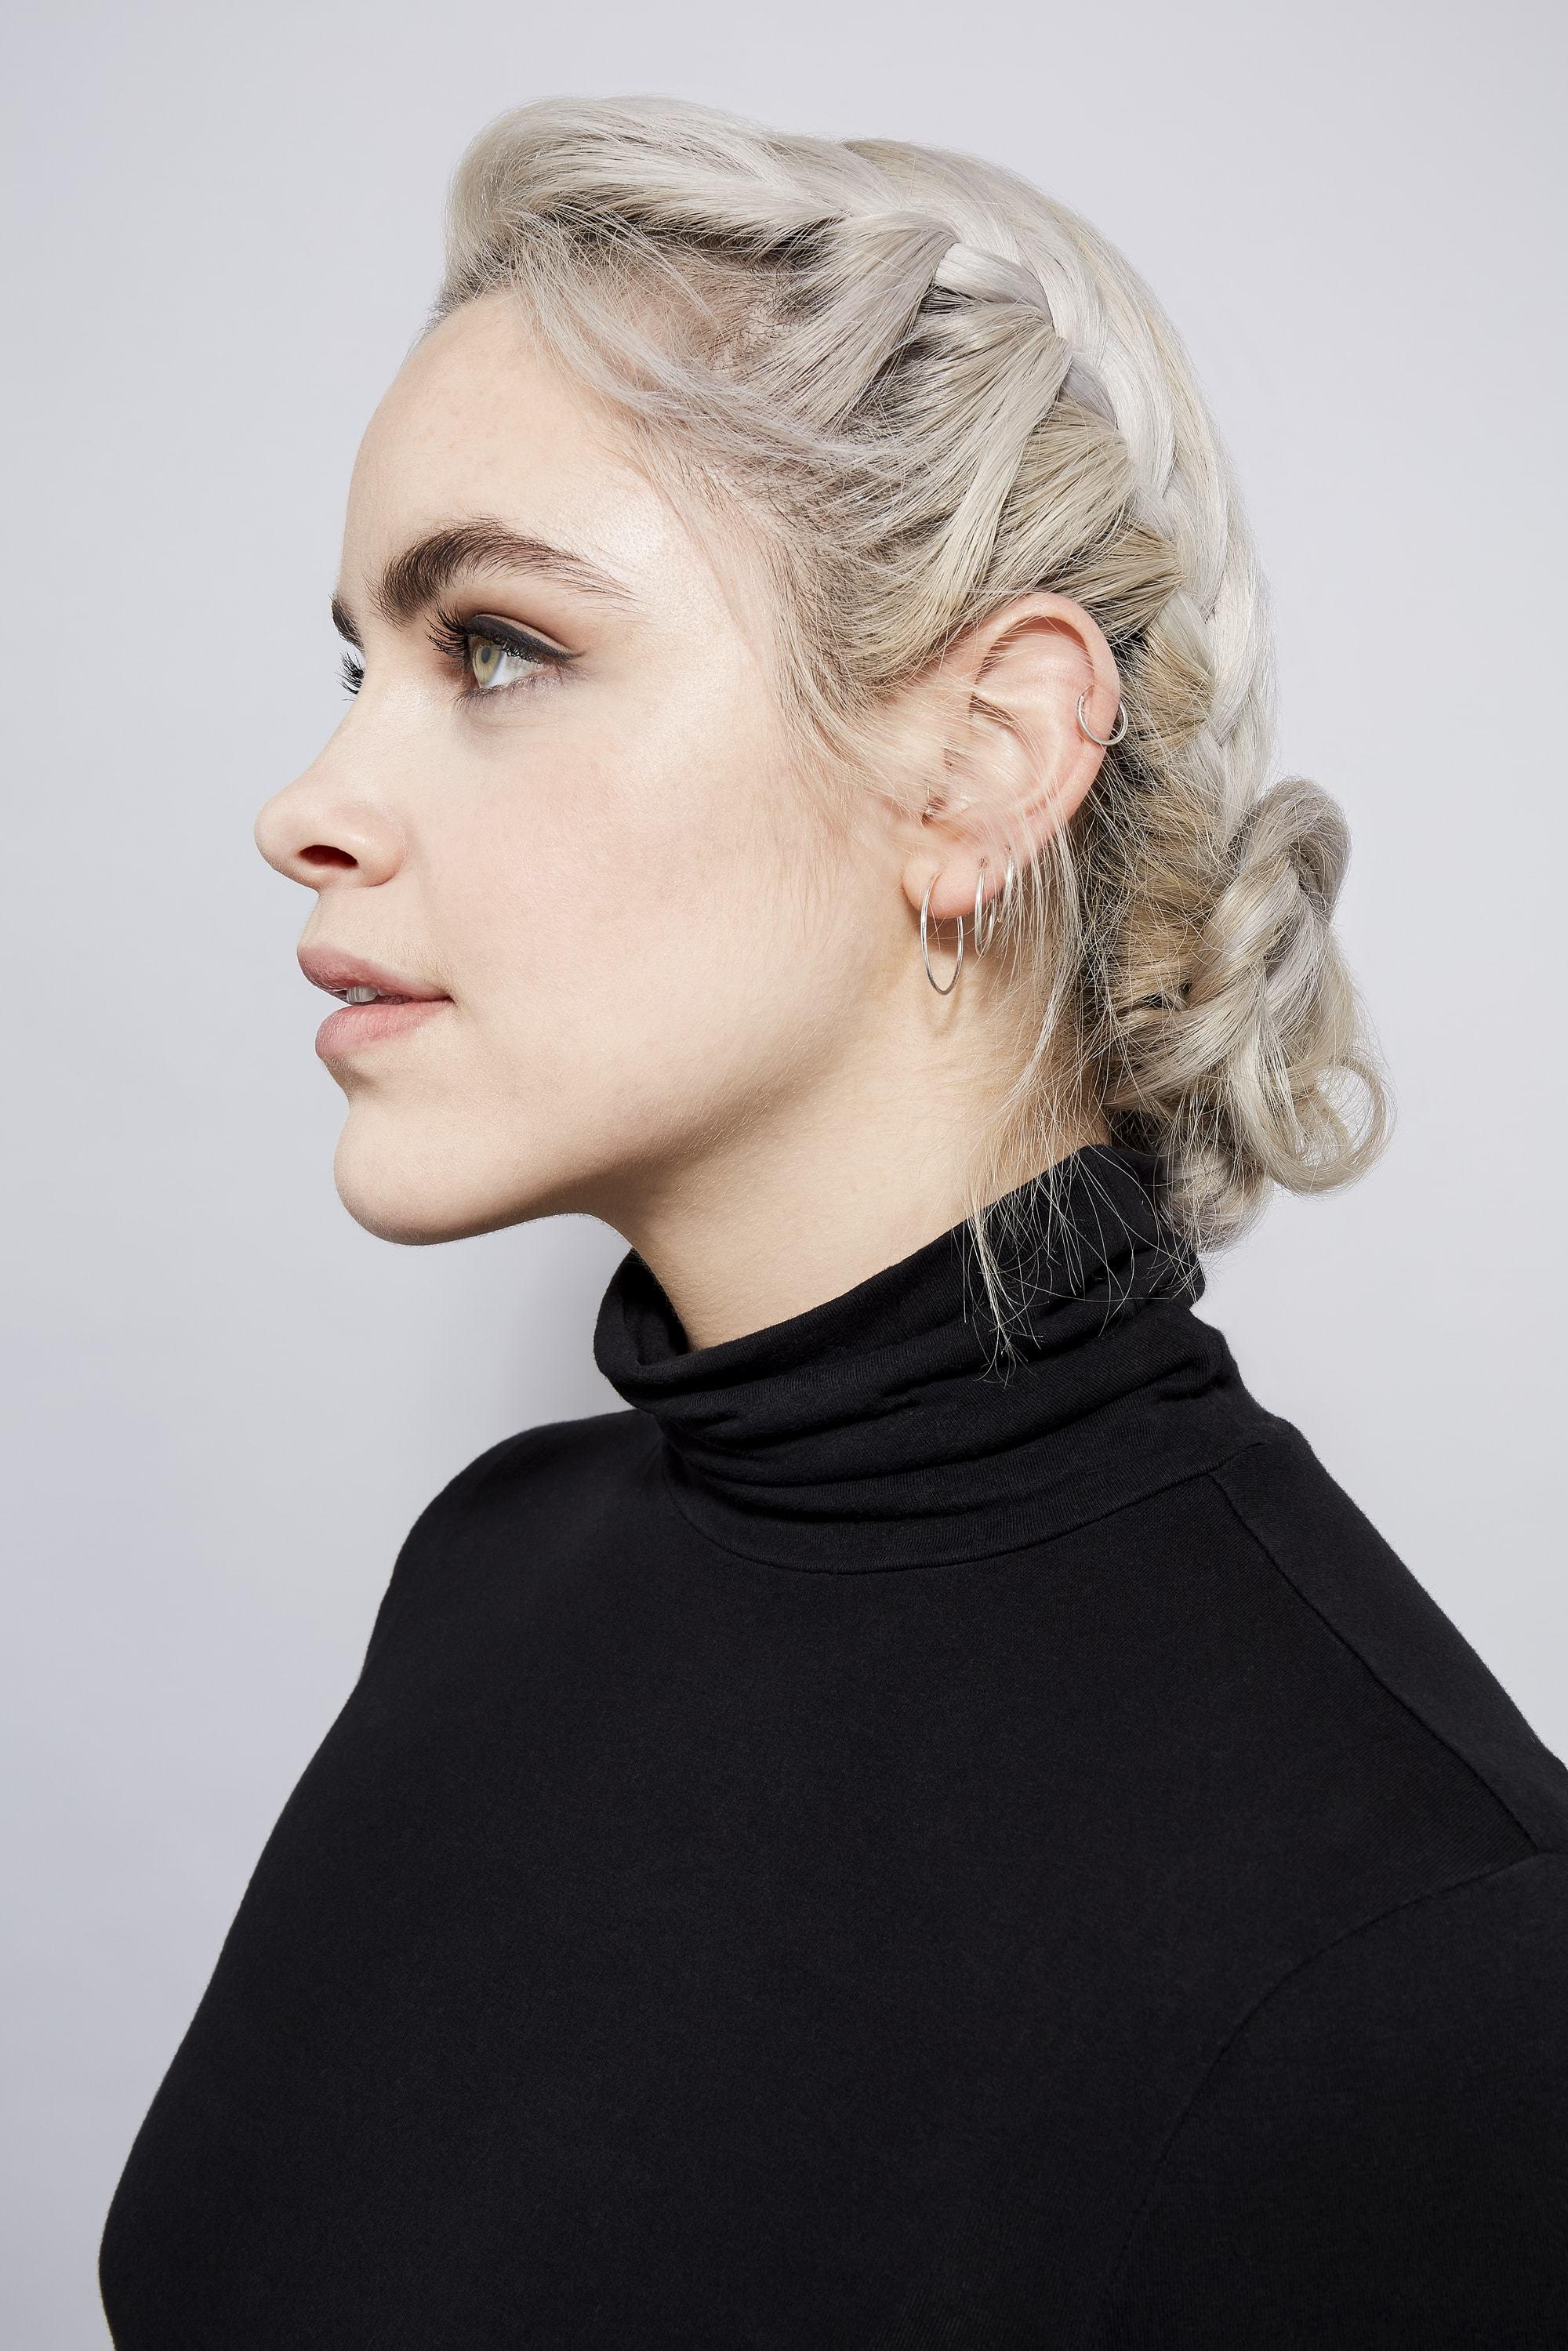 Des tresses faciles pour les cheveux longs : Profil latéral d'une femme aux cheveux blonds cendrés dans un chignon tressé, portant un top noir à col roulé